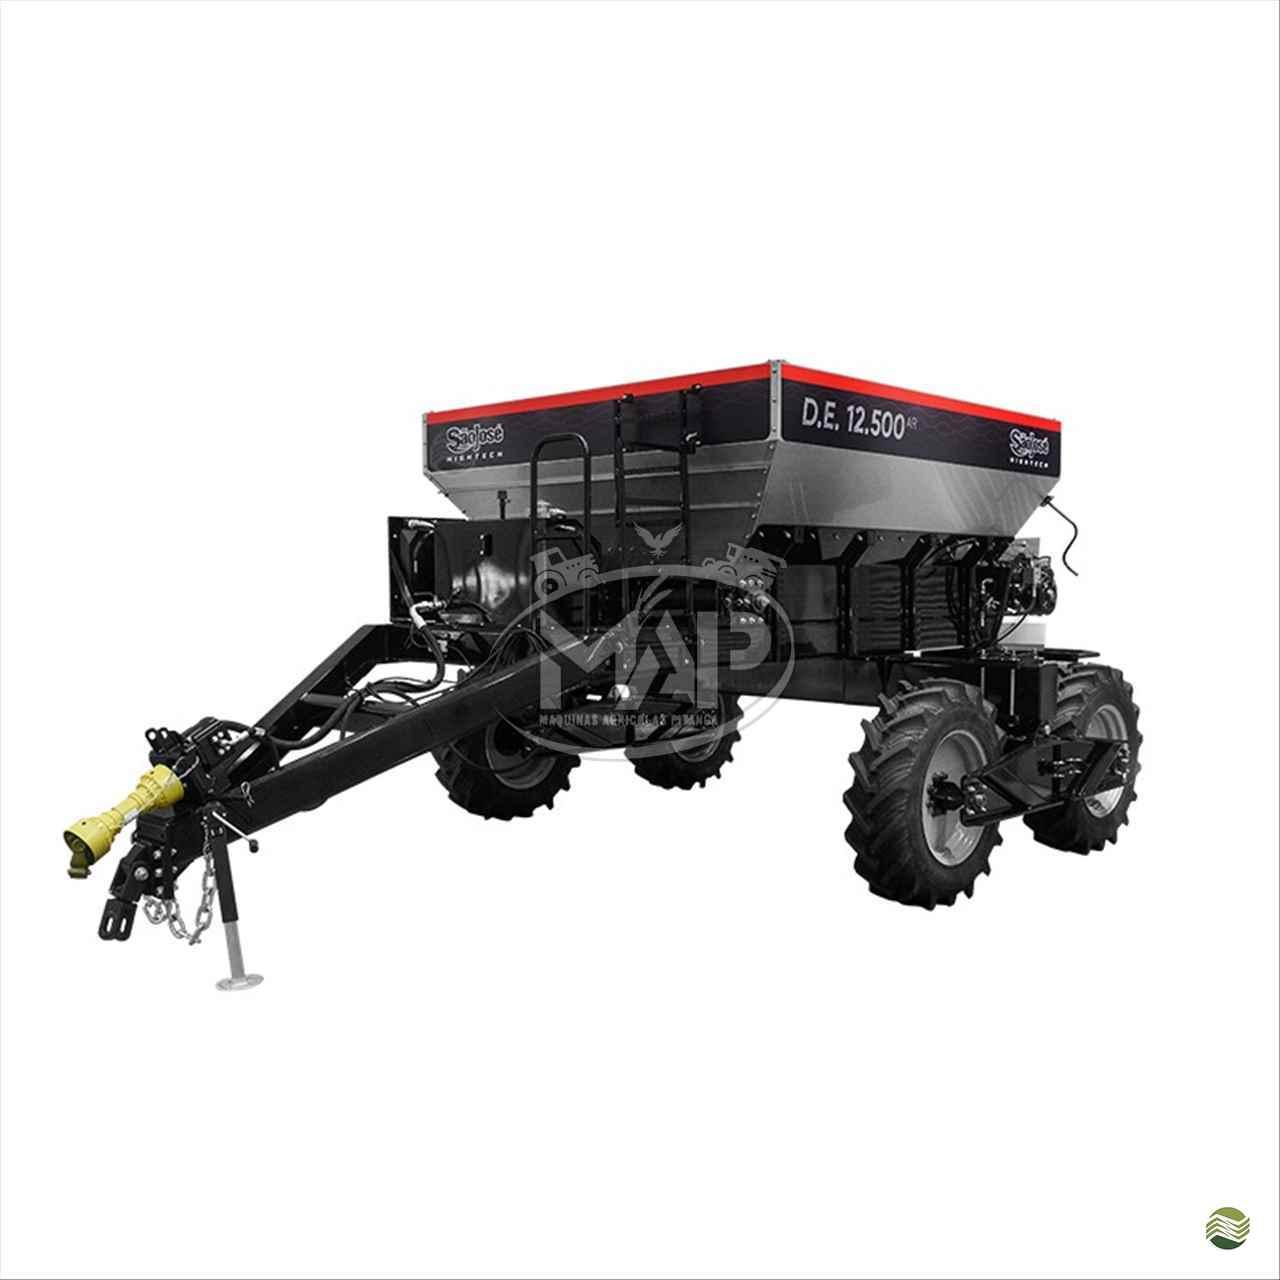 IMPLEMENTOS AGRICOLAS DISTRIBUIDOR DISTRIBUIDOR 10000 Máquinas Agrícolas Pitanga PITANGA PARANÁ PR